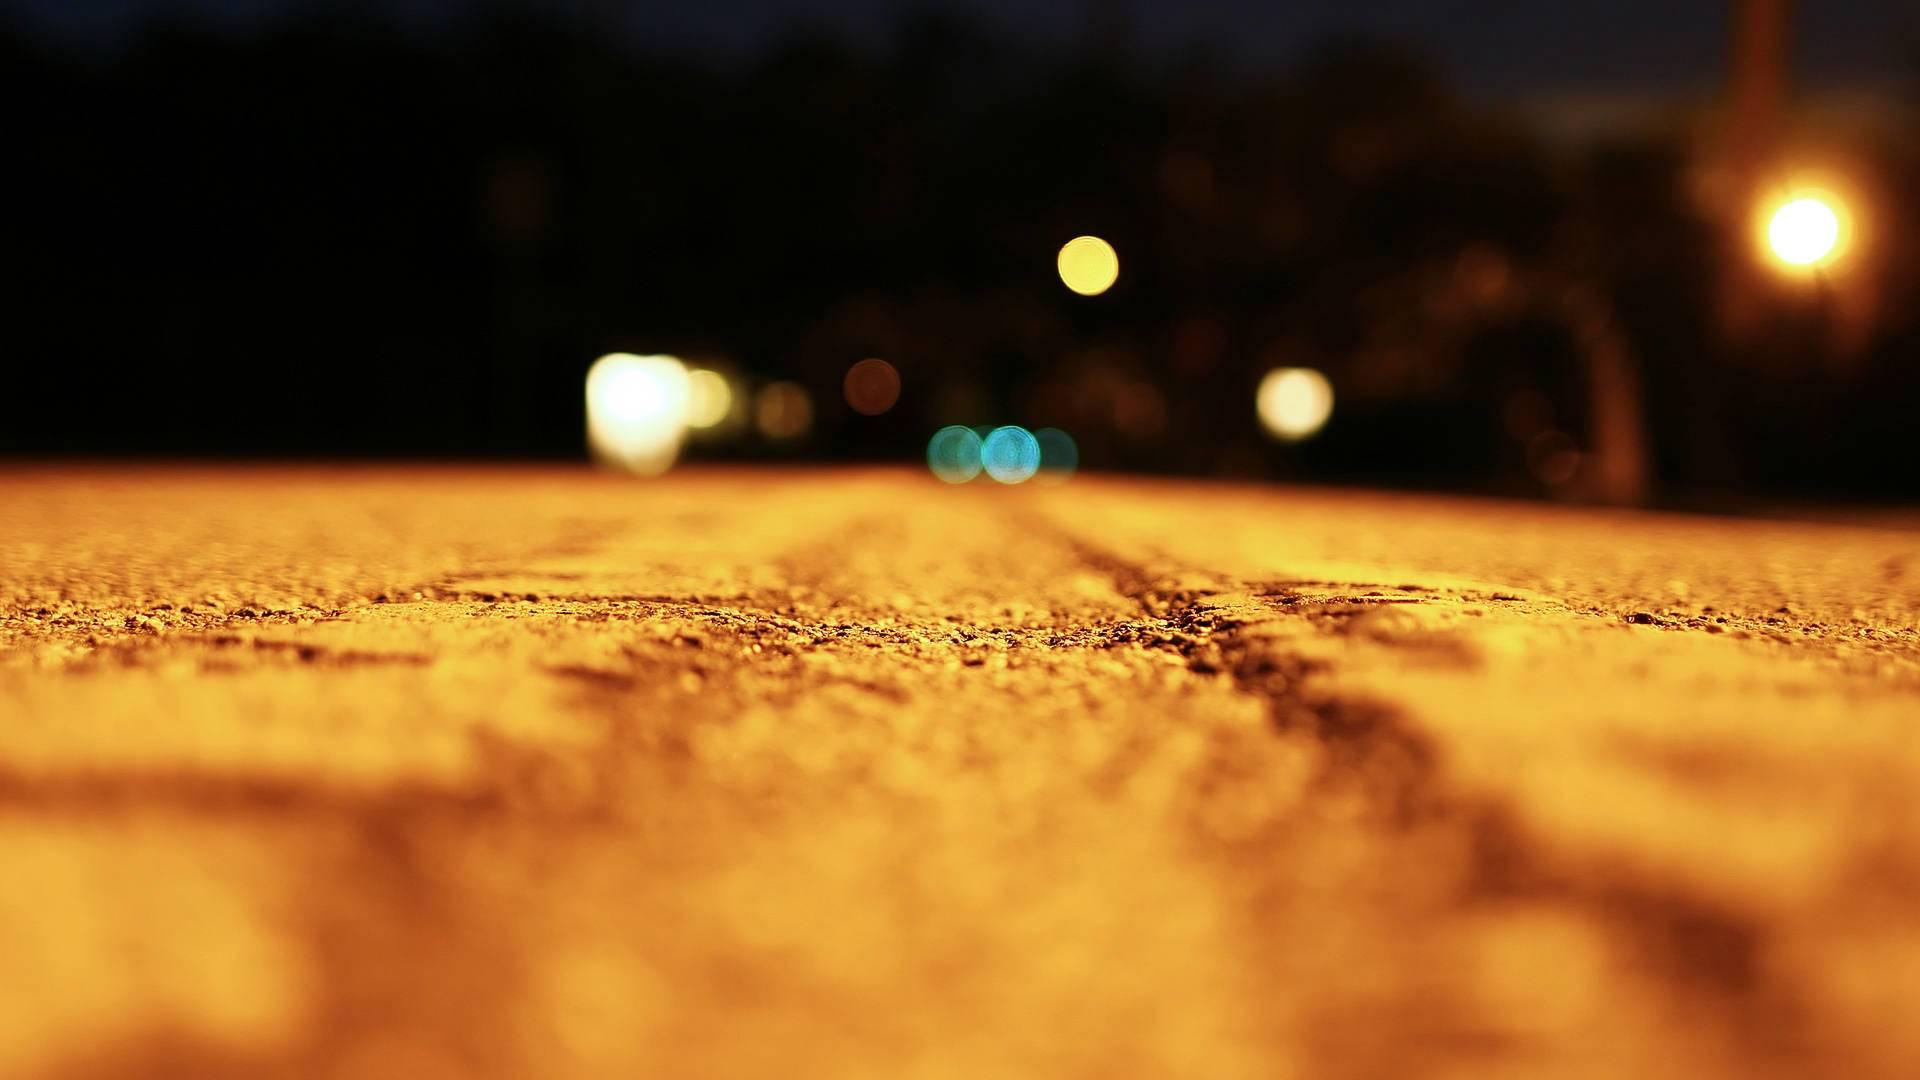 http://4.bp.blogspot.com/-nFSBzQDTzK8/TzUPOKjedVI/AAAAAAAAHqY/DnR94SI79pg/s1920/road-macro-shoot-wallpaper.jpg